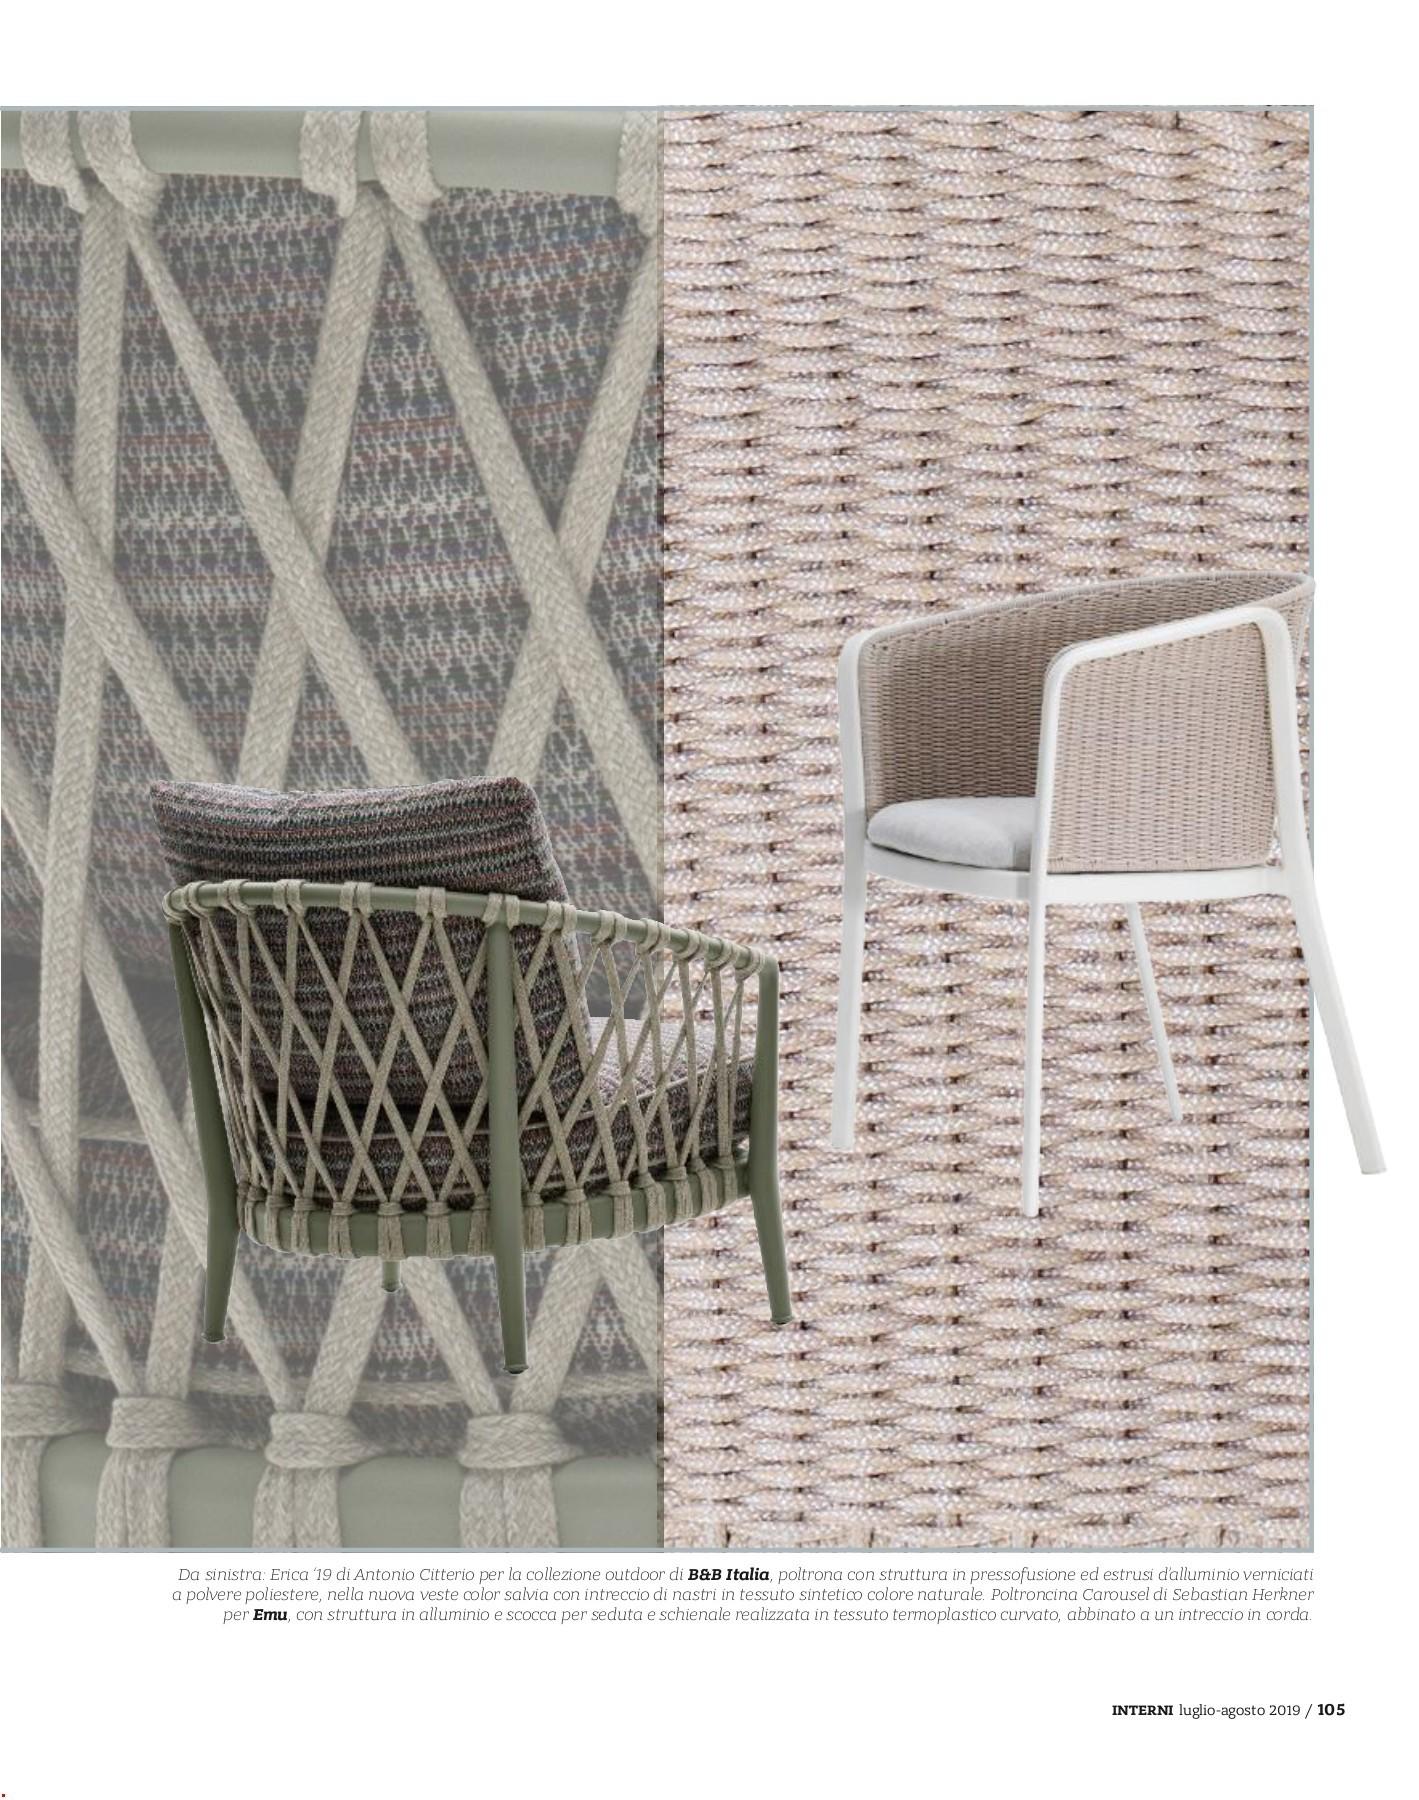 Country style, tessuti cotone americano 20x110 cm. Interni Italia Luglio 2019 Flip Book Pages 201 218 Pubhtml5